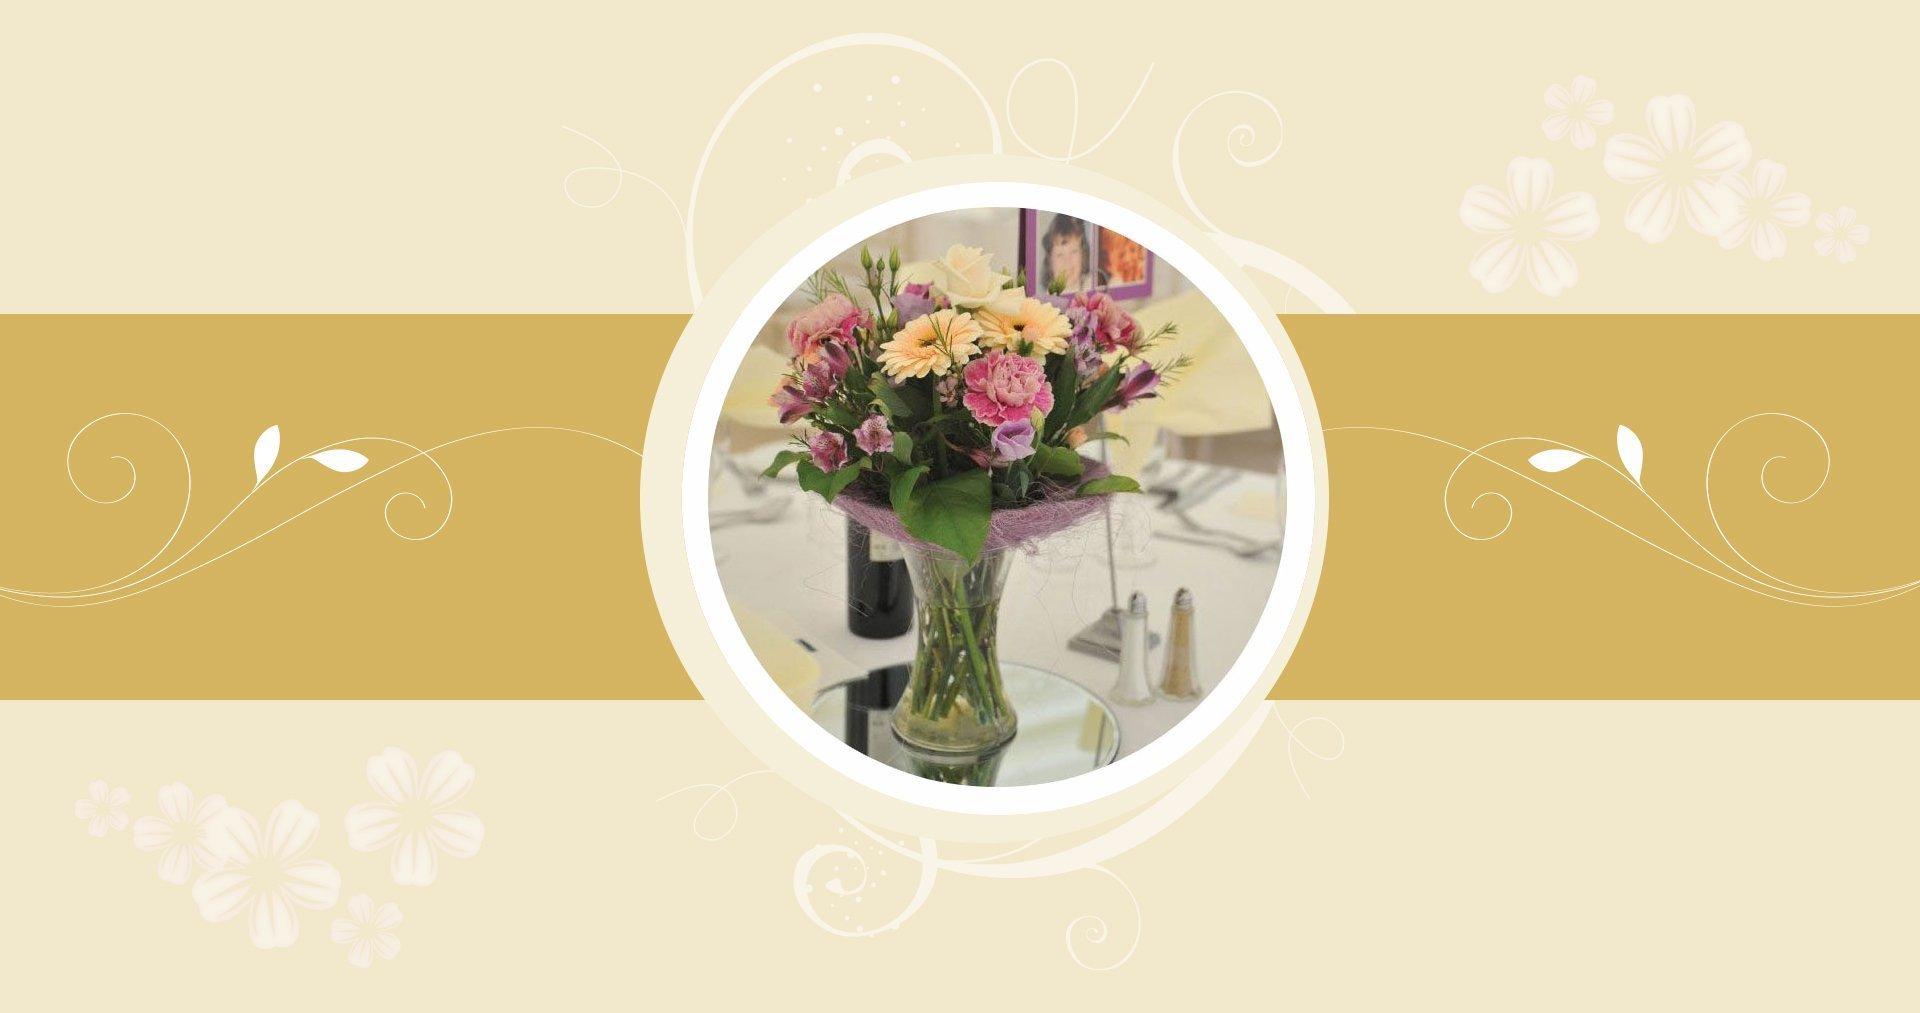 Established florists